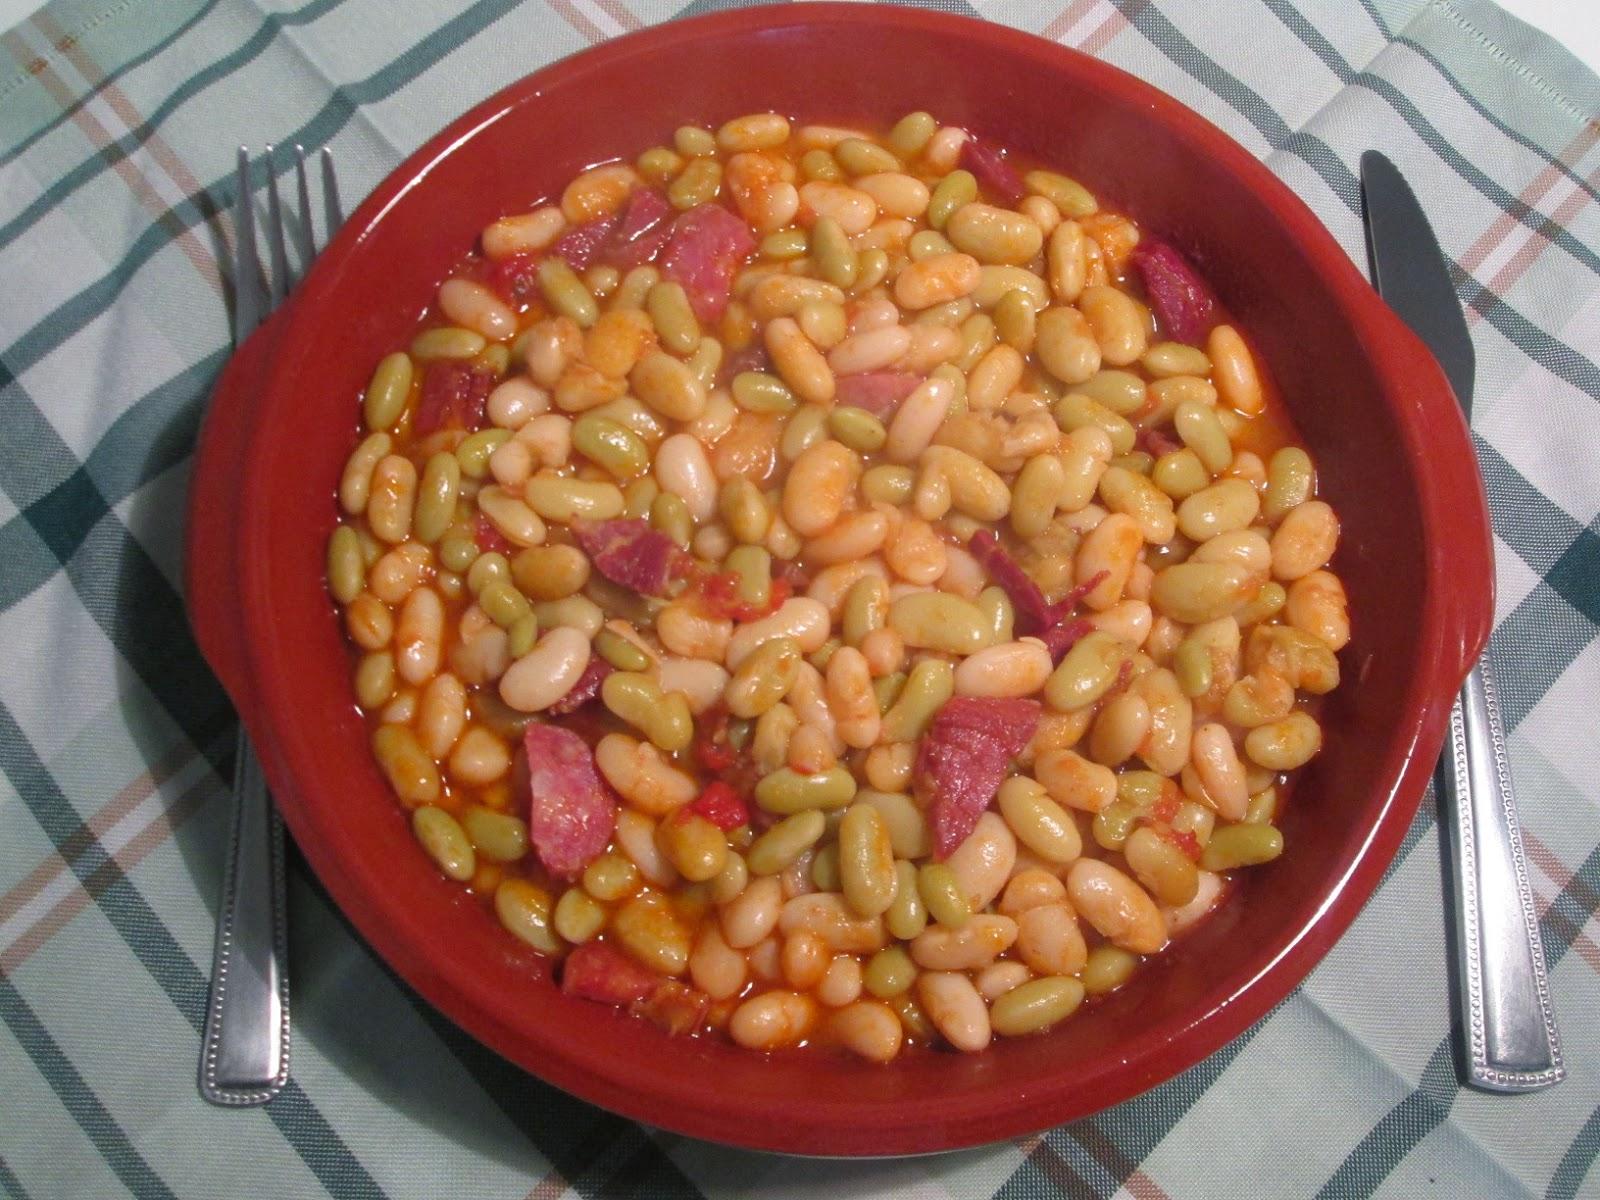 Cocinar no es dif cil pru balo alubias tiernas con for Cocinar habas con jamon